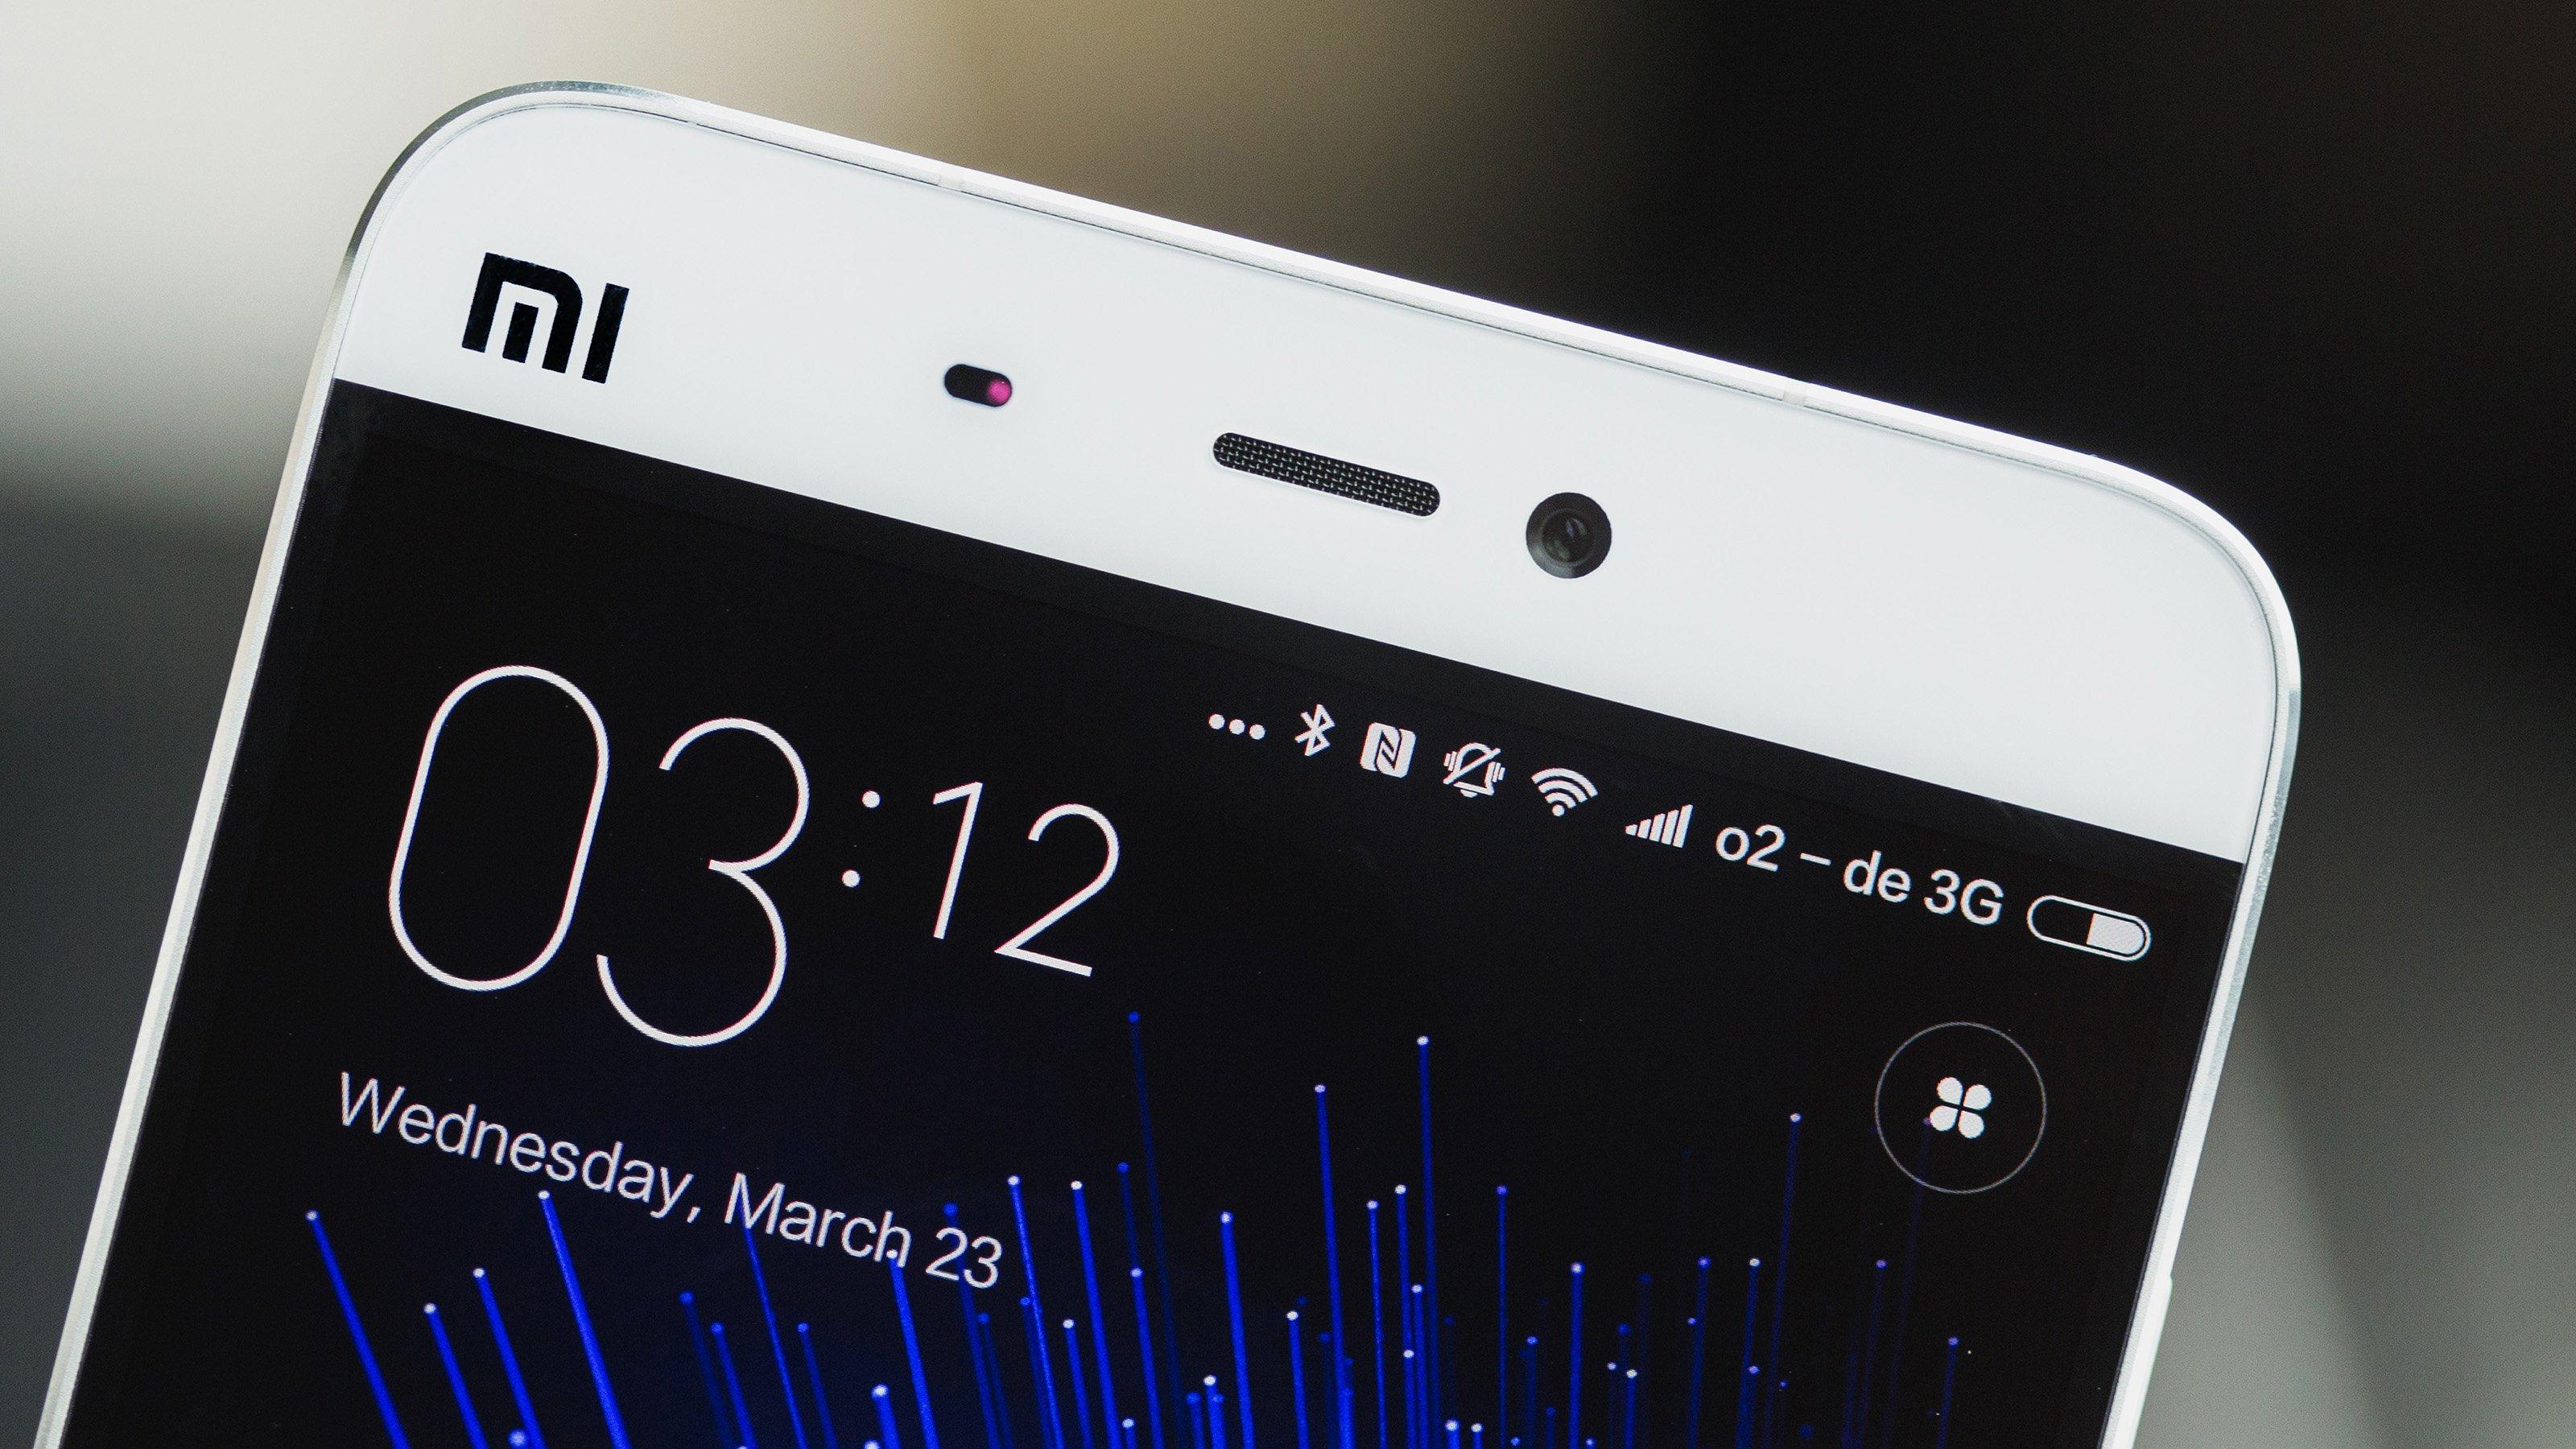 Xiaomi Mi 5 Vs IPhone 6 Comparison